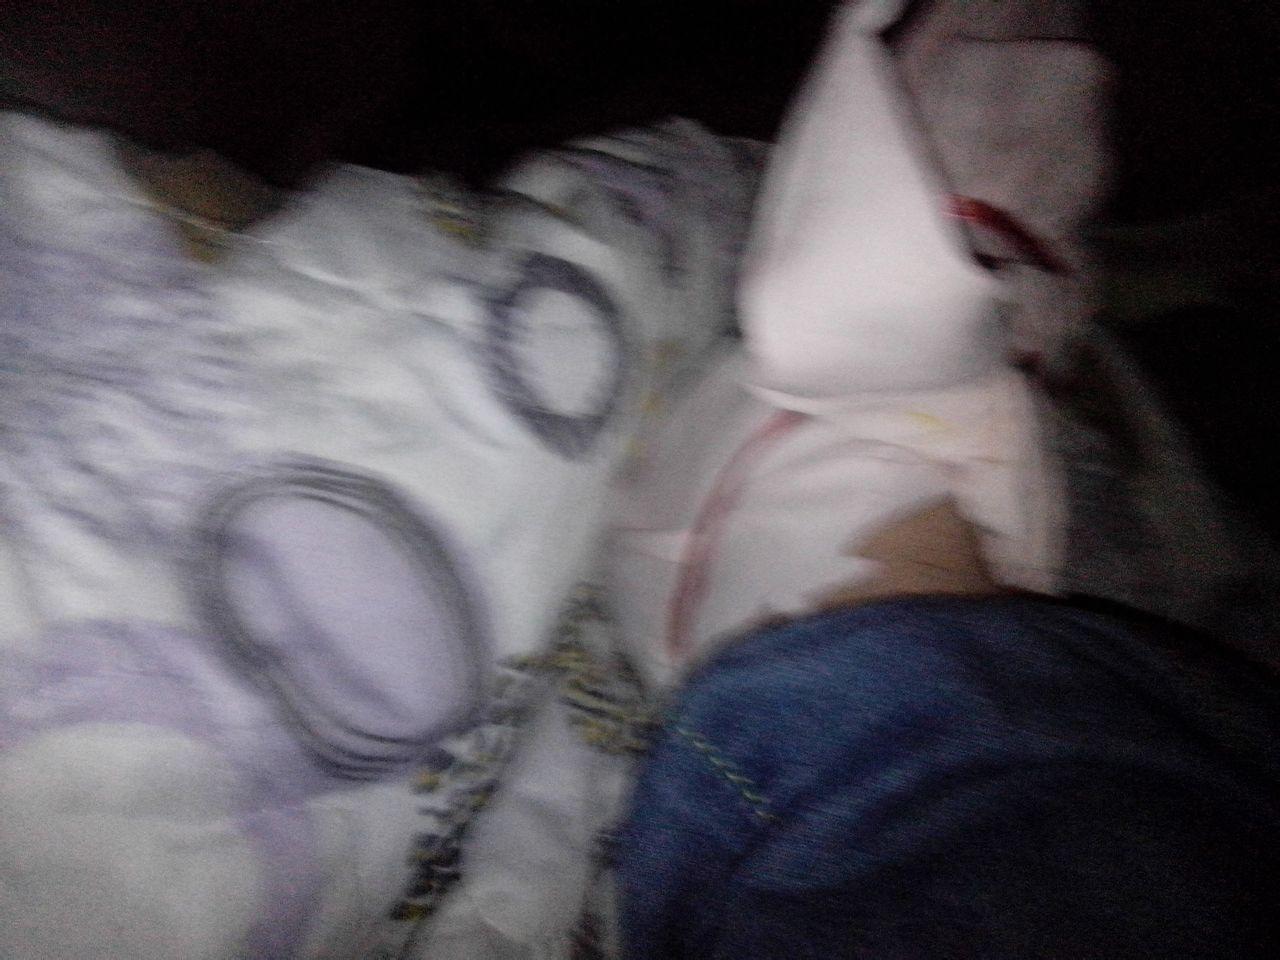 脚骨折了 睡觉平躺疼的厉害